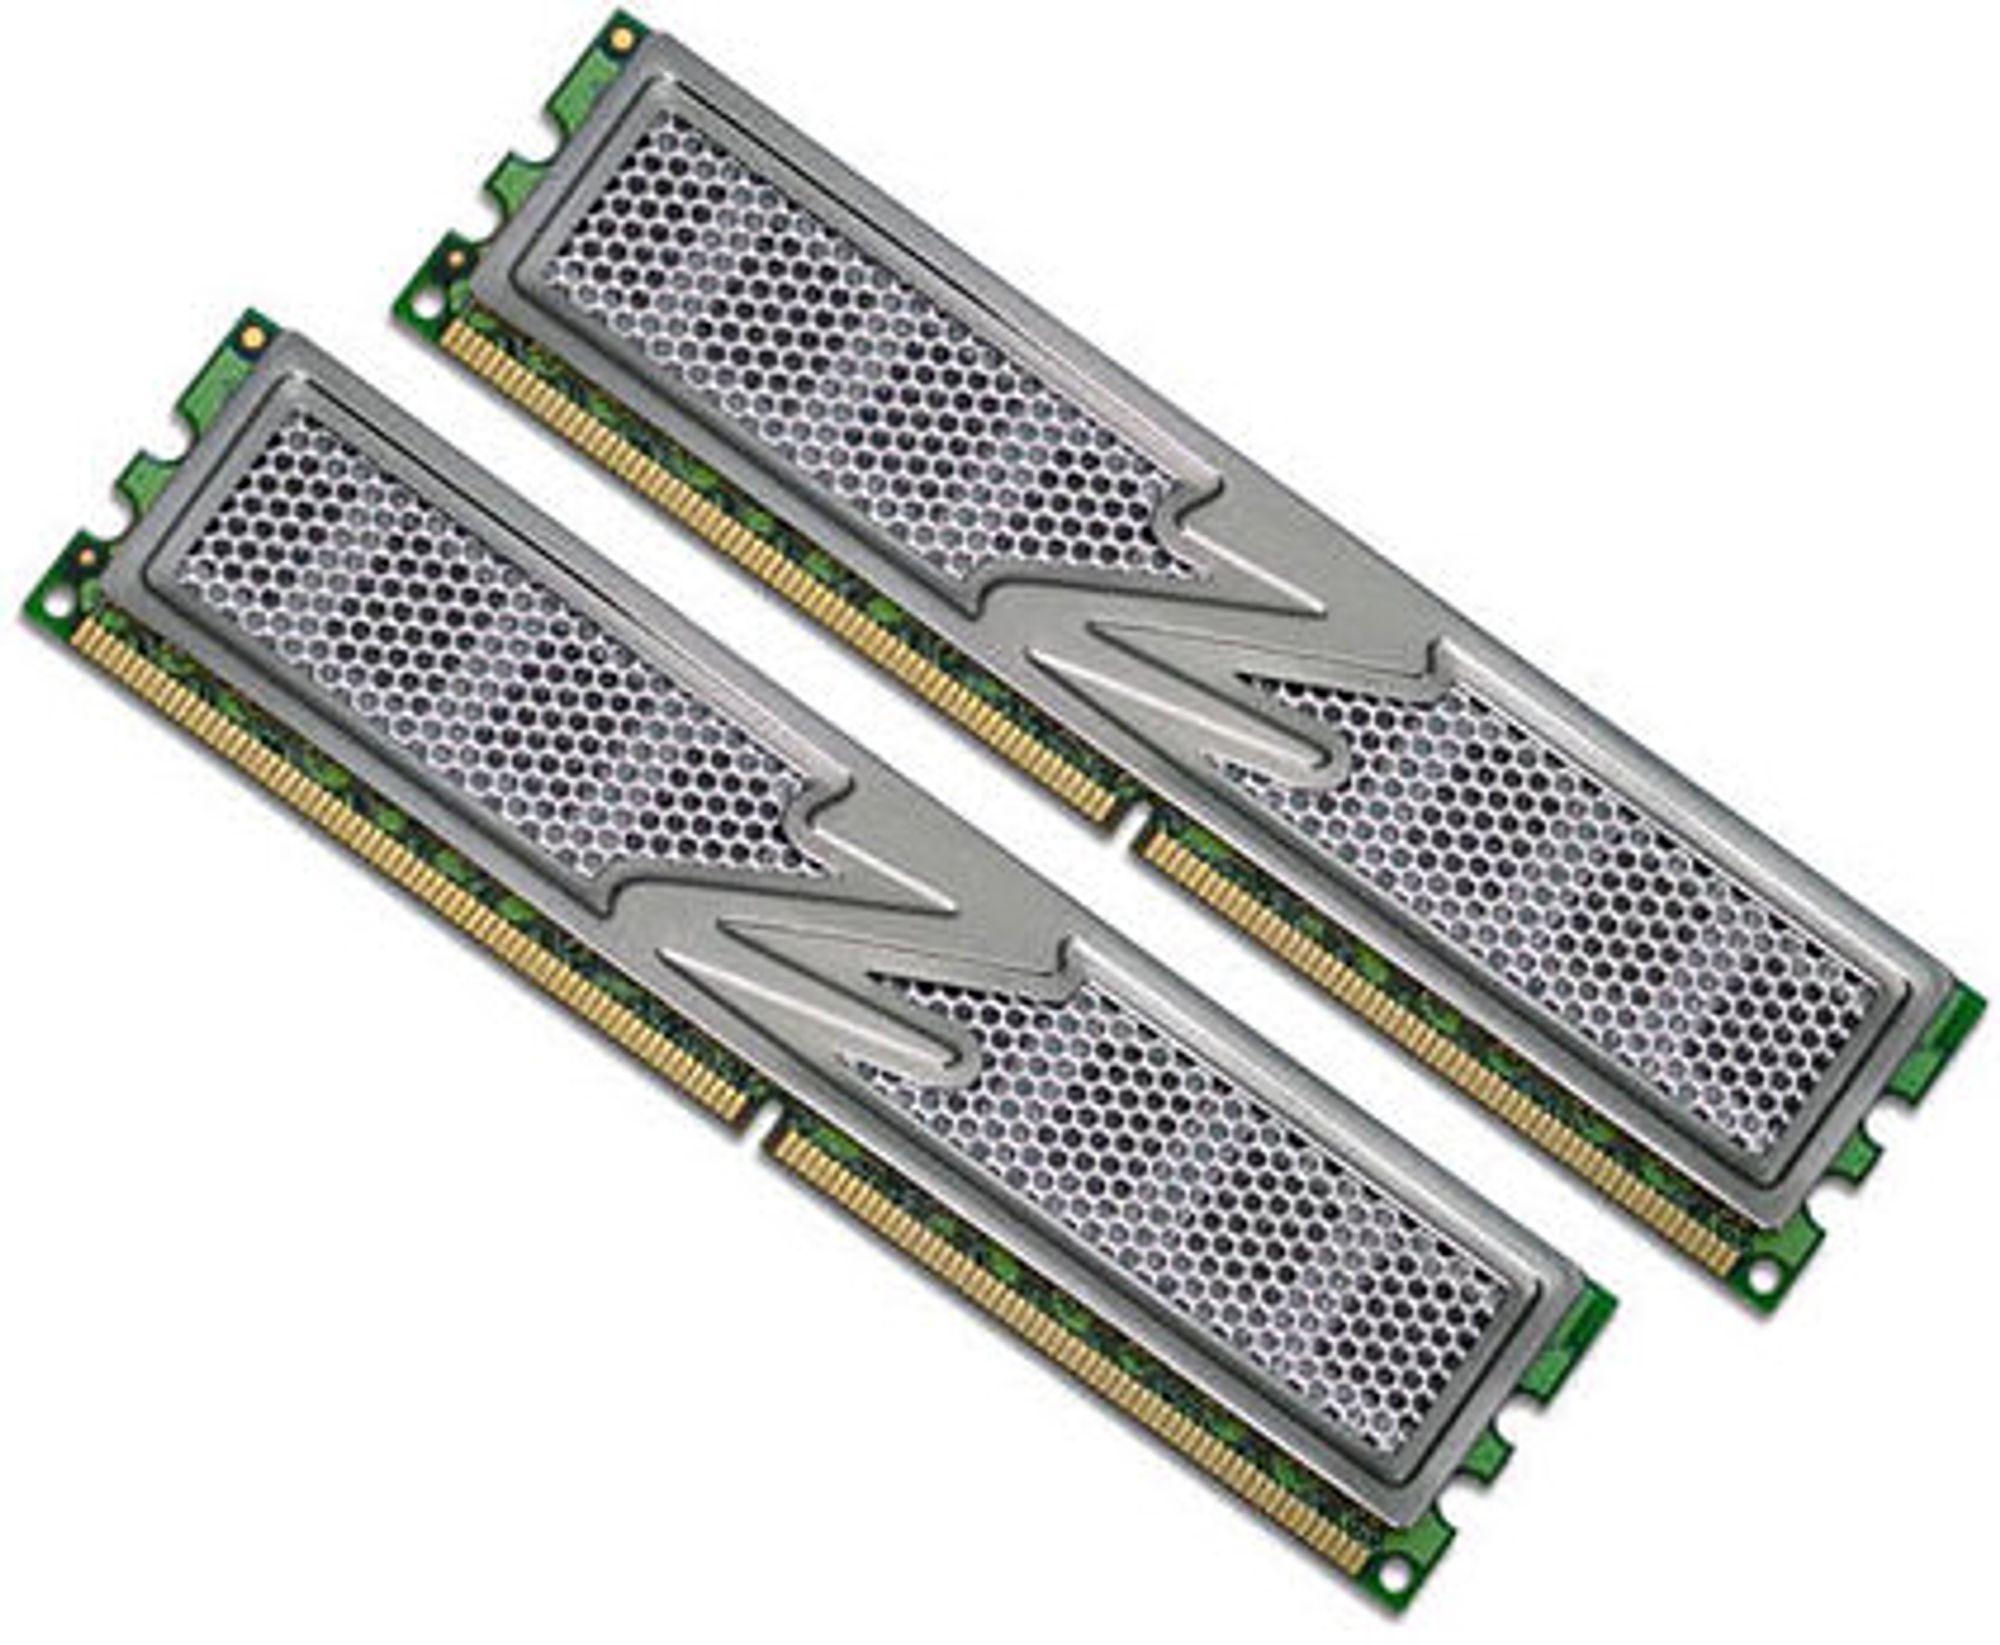 OCZ DDR2 PC2-5400 AM2 Special 4 GB Dual Channel